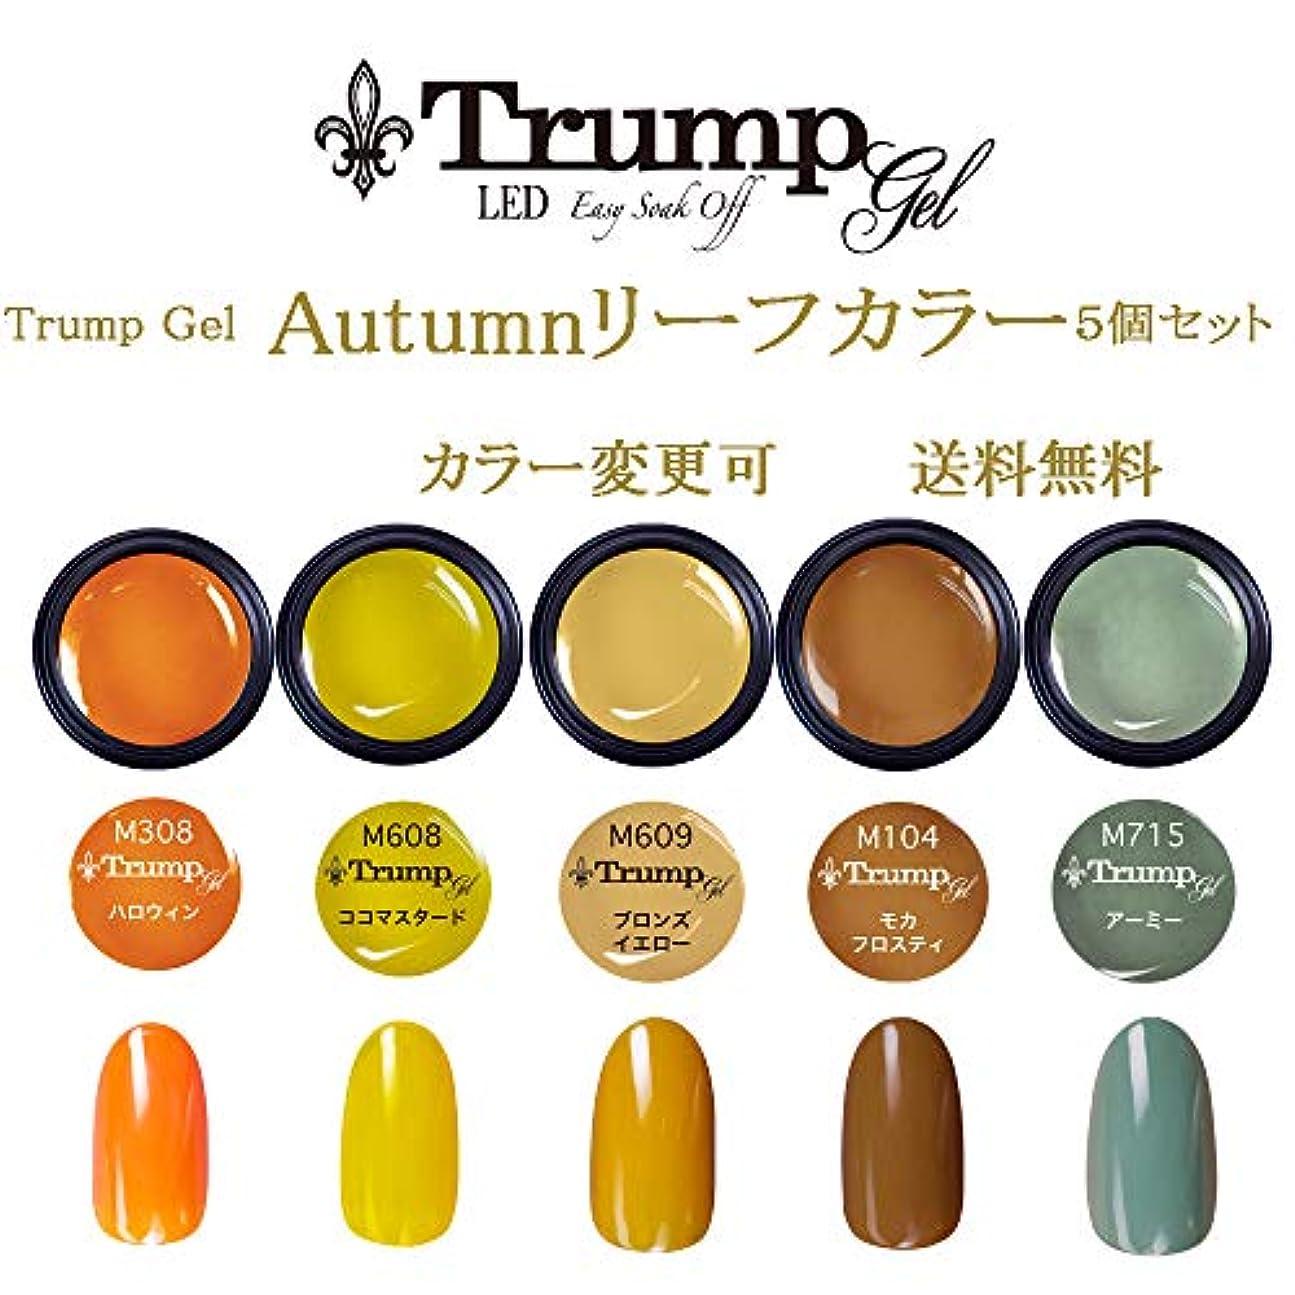 望みこしょうカイウス【送料無料】日本製 Trump gel トランプジェル オータムリーフカラー 選べる カラージェル 5個セット オータムネイル ベージュ ブラウン マスタード カラー